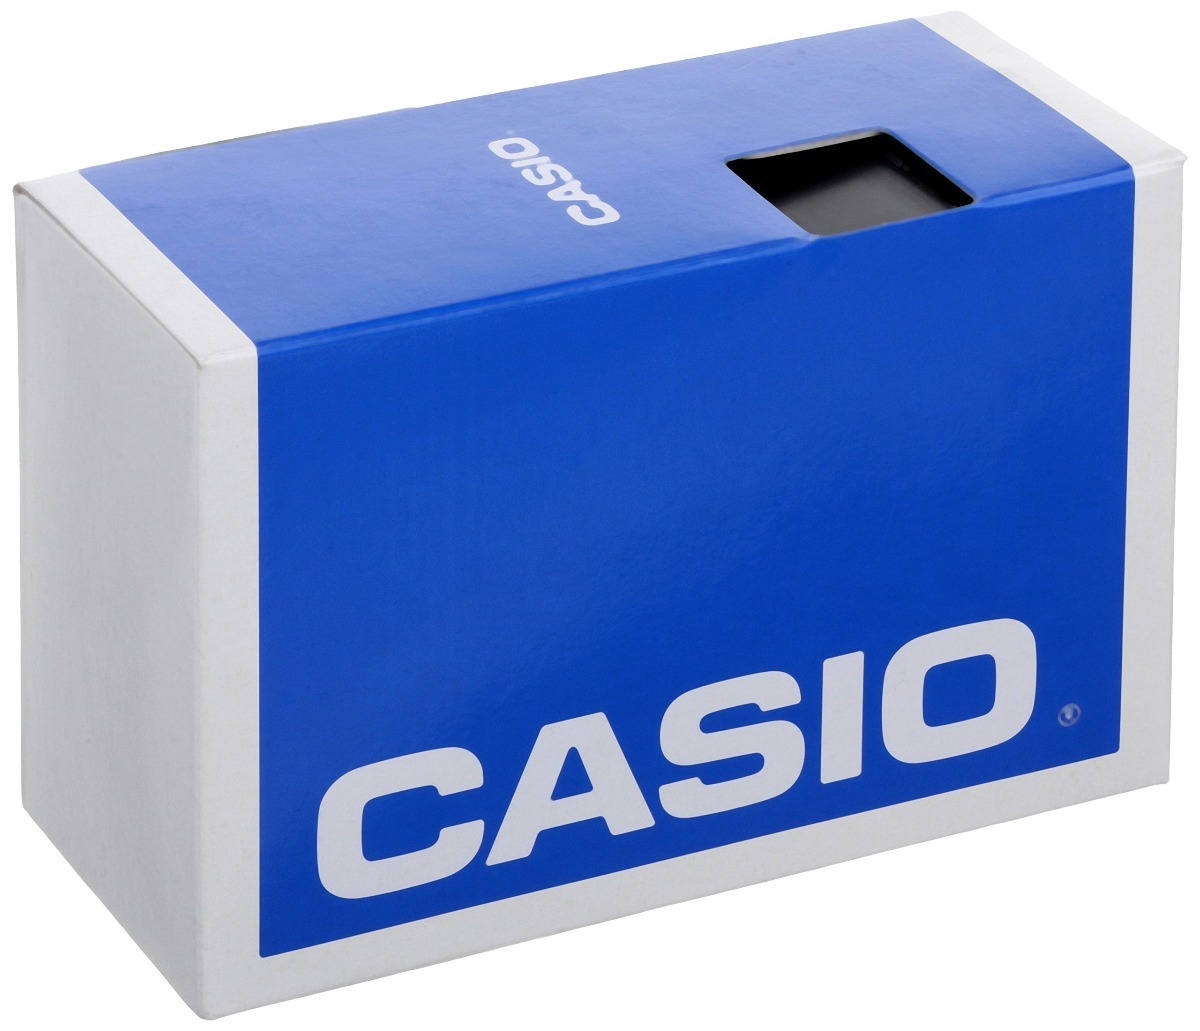 af8b130e460 relogio casio outgear sgw-400-hd-1bv aço altimetro barometro. Carregando  zoom.